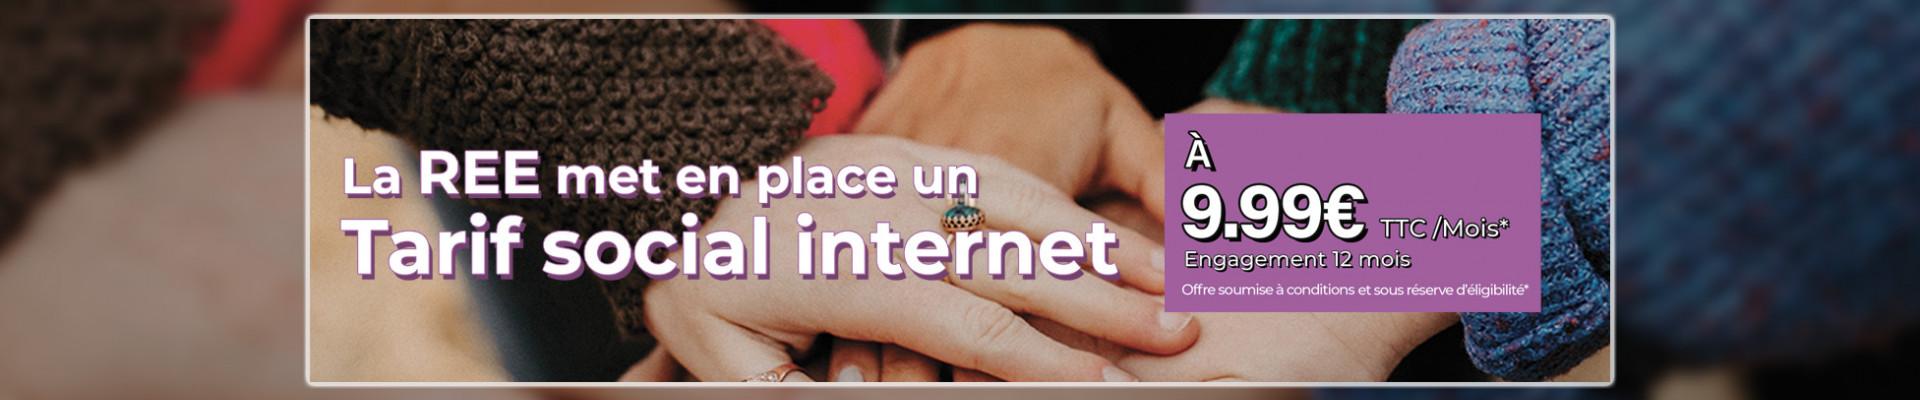 Tarif social internet